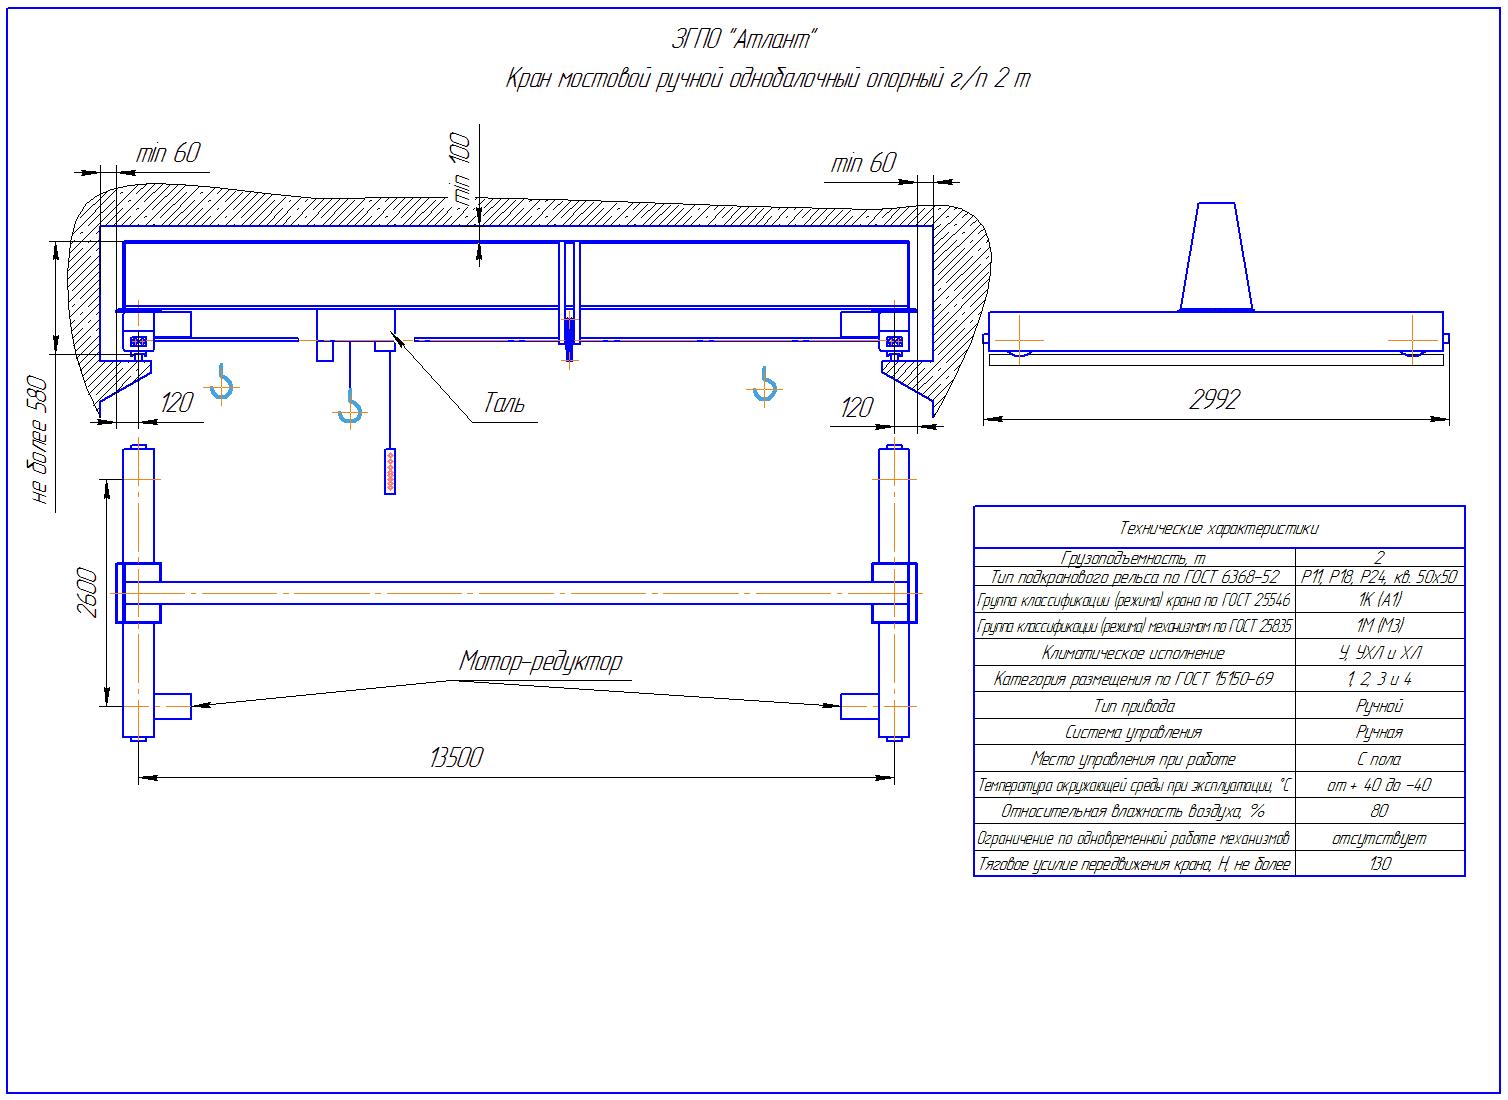 KRMOO 2 135 - Кран ручной мостовой опорный однобалочный